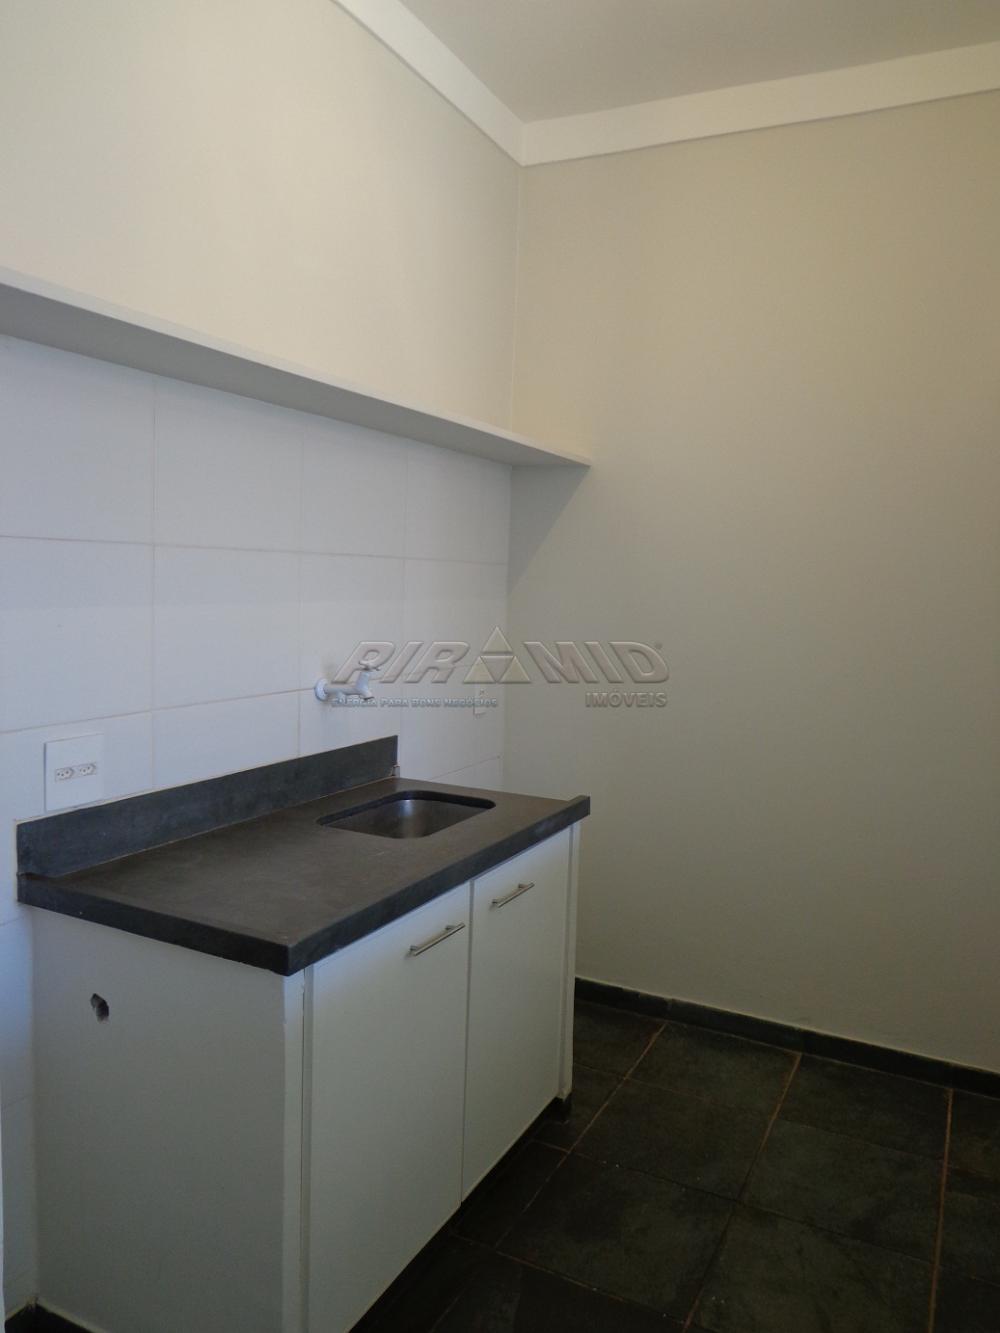 Alugar Apartamento / Padrão em Ribeirão Preto apenas R$ 360,00 - Foto 2